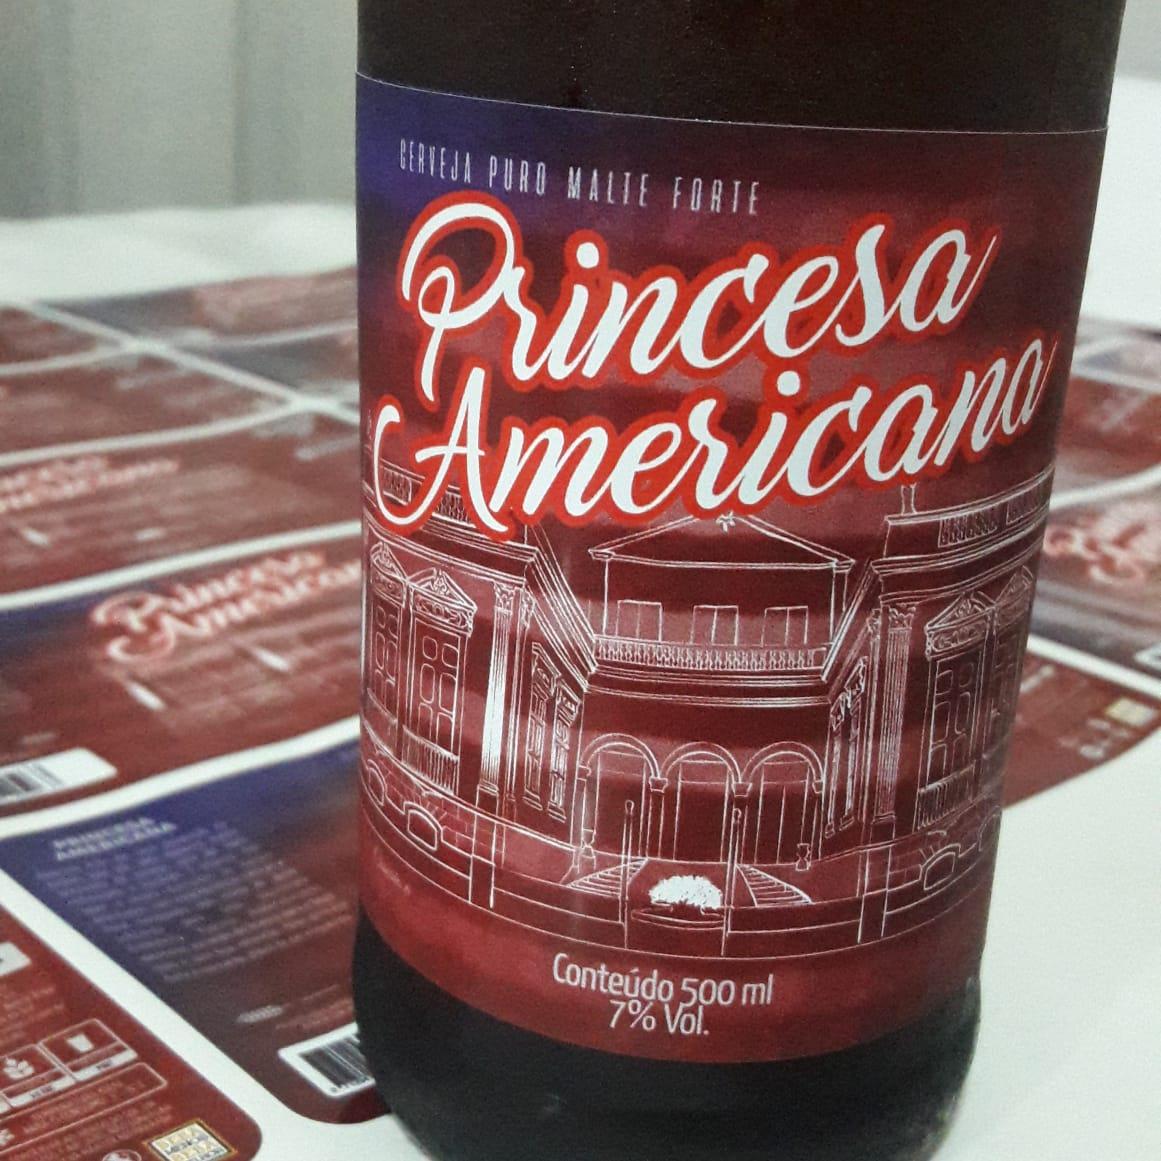 Princesa Americana